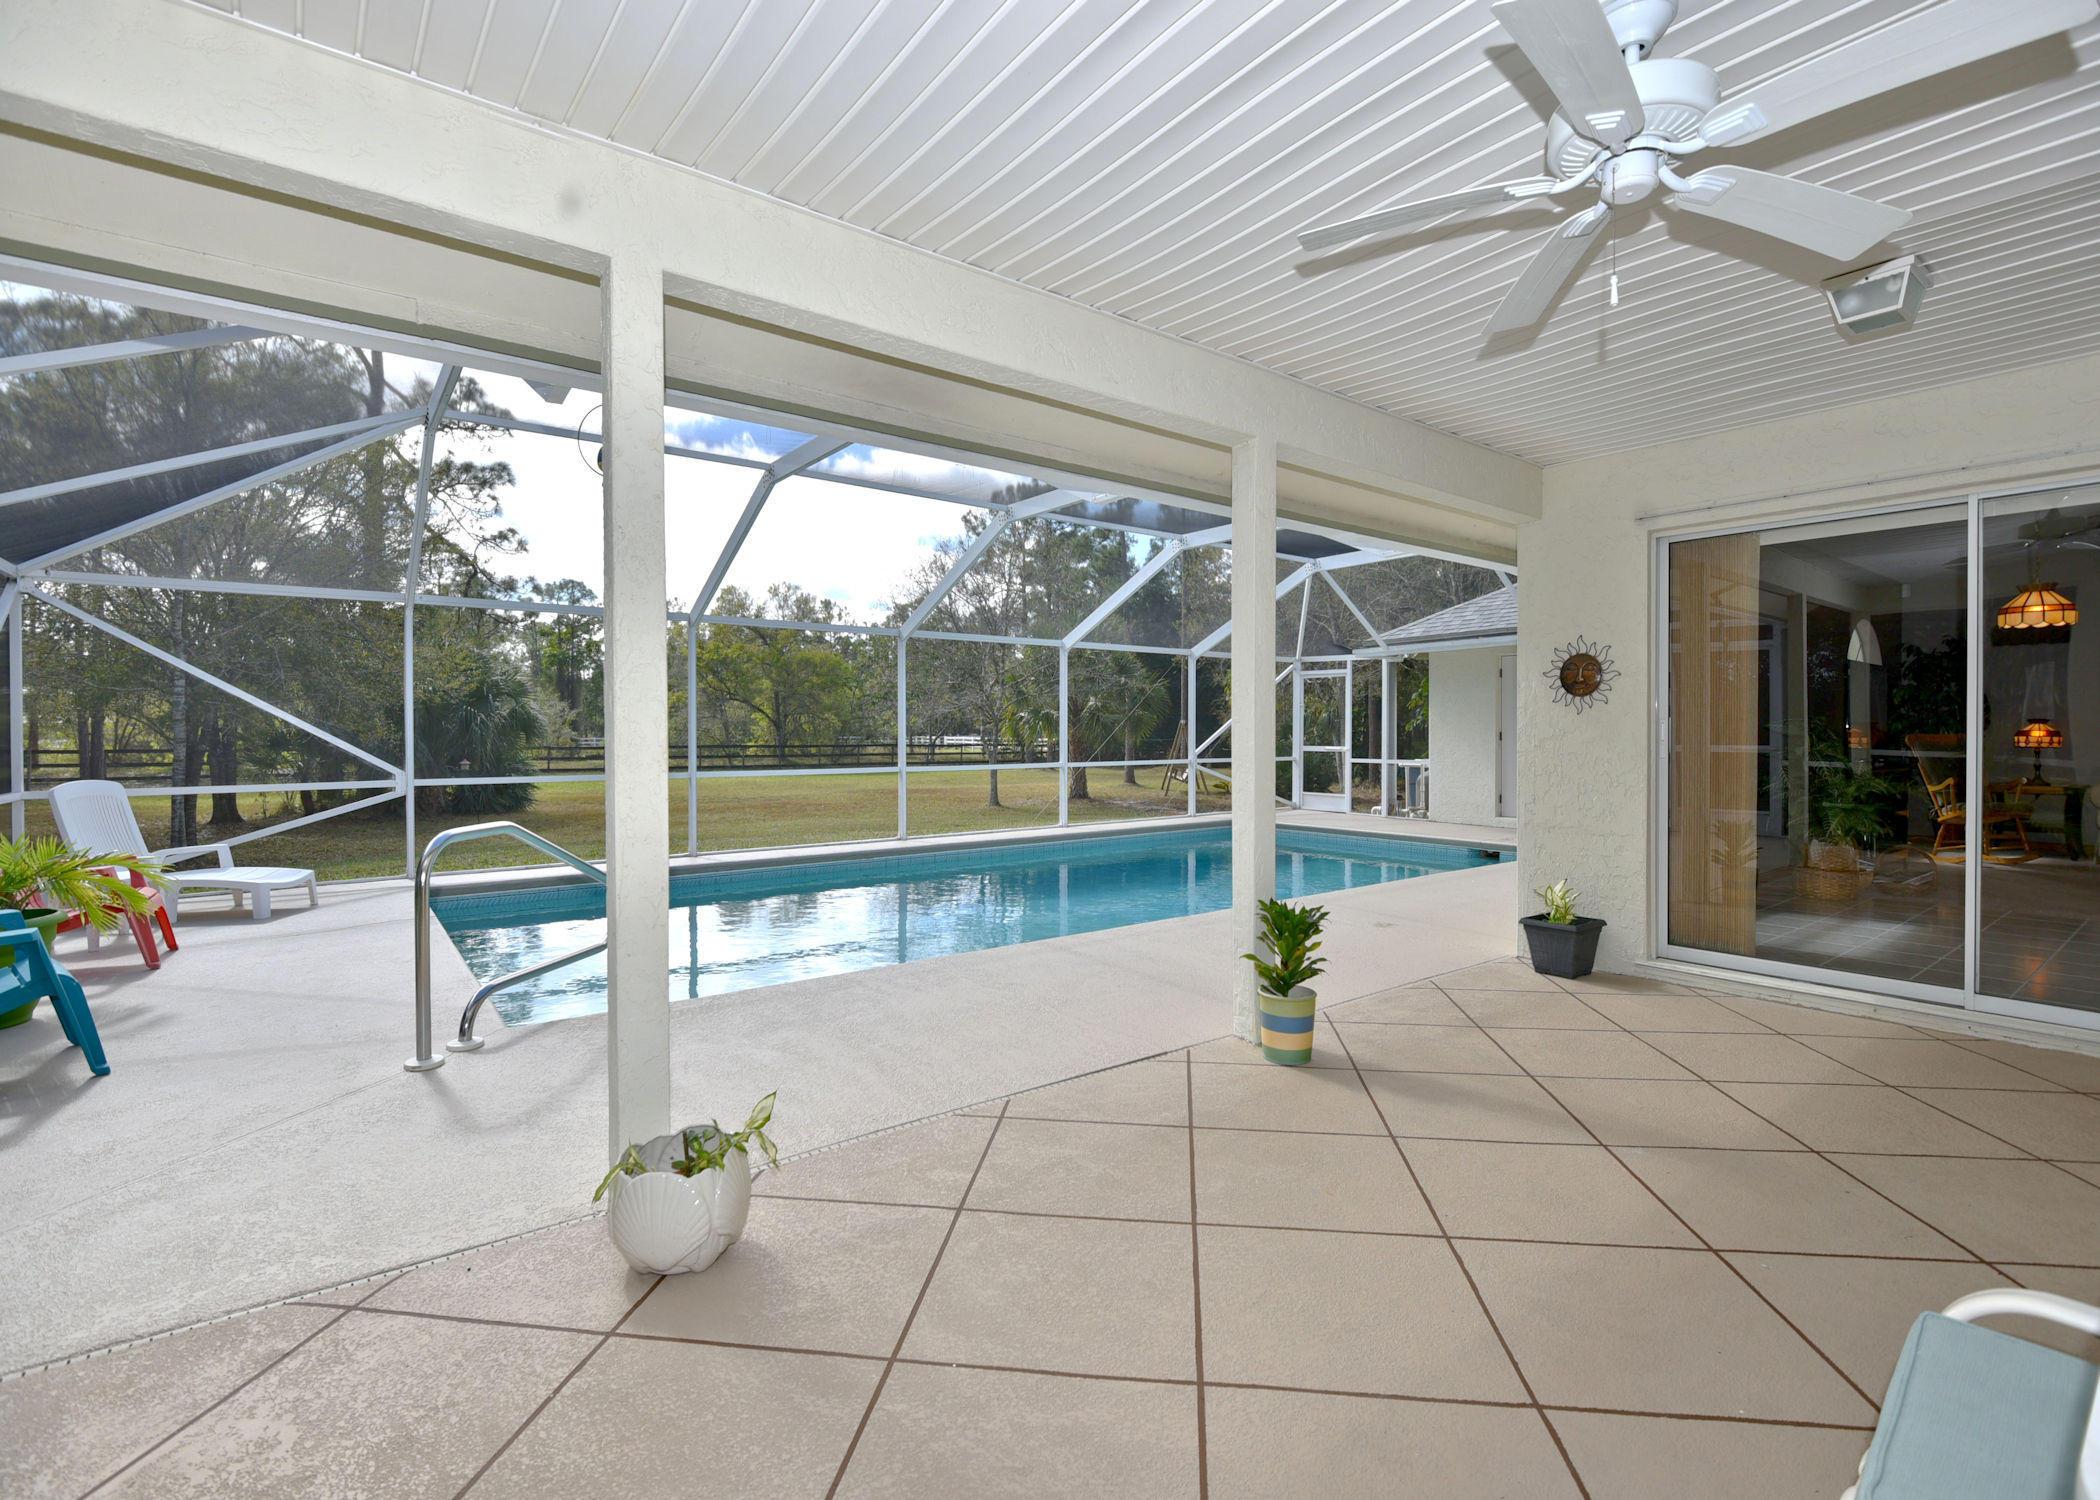 11922 171st Lane, Jupiter, Florida 33478, 4 Bedrooms Bedrooms, ,3 BathroomsBathrooms,Single Family,For Sale,Jupiter Farms,171st,RX-10497253